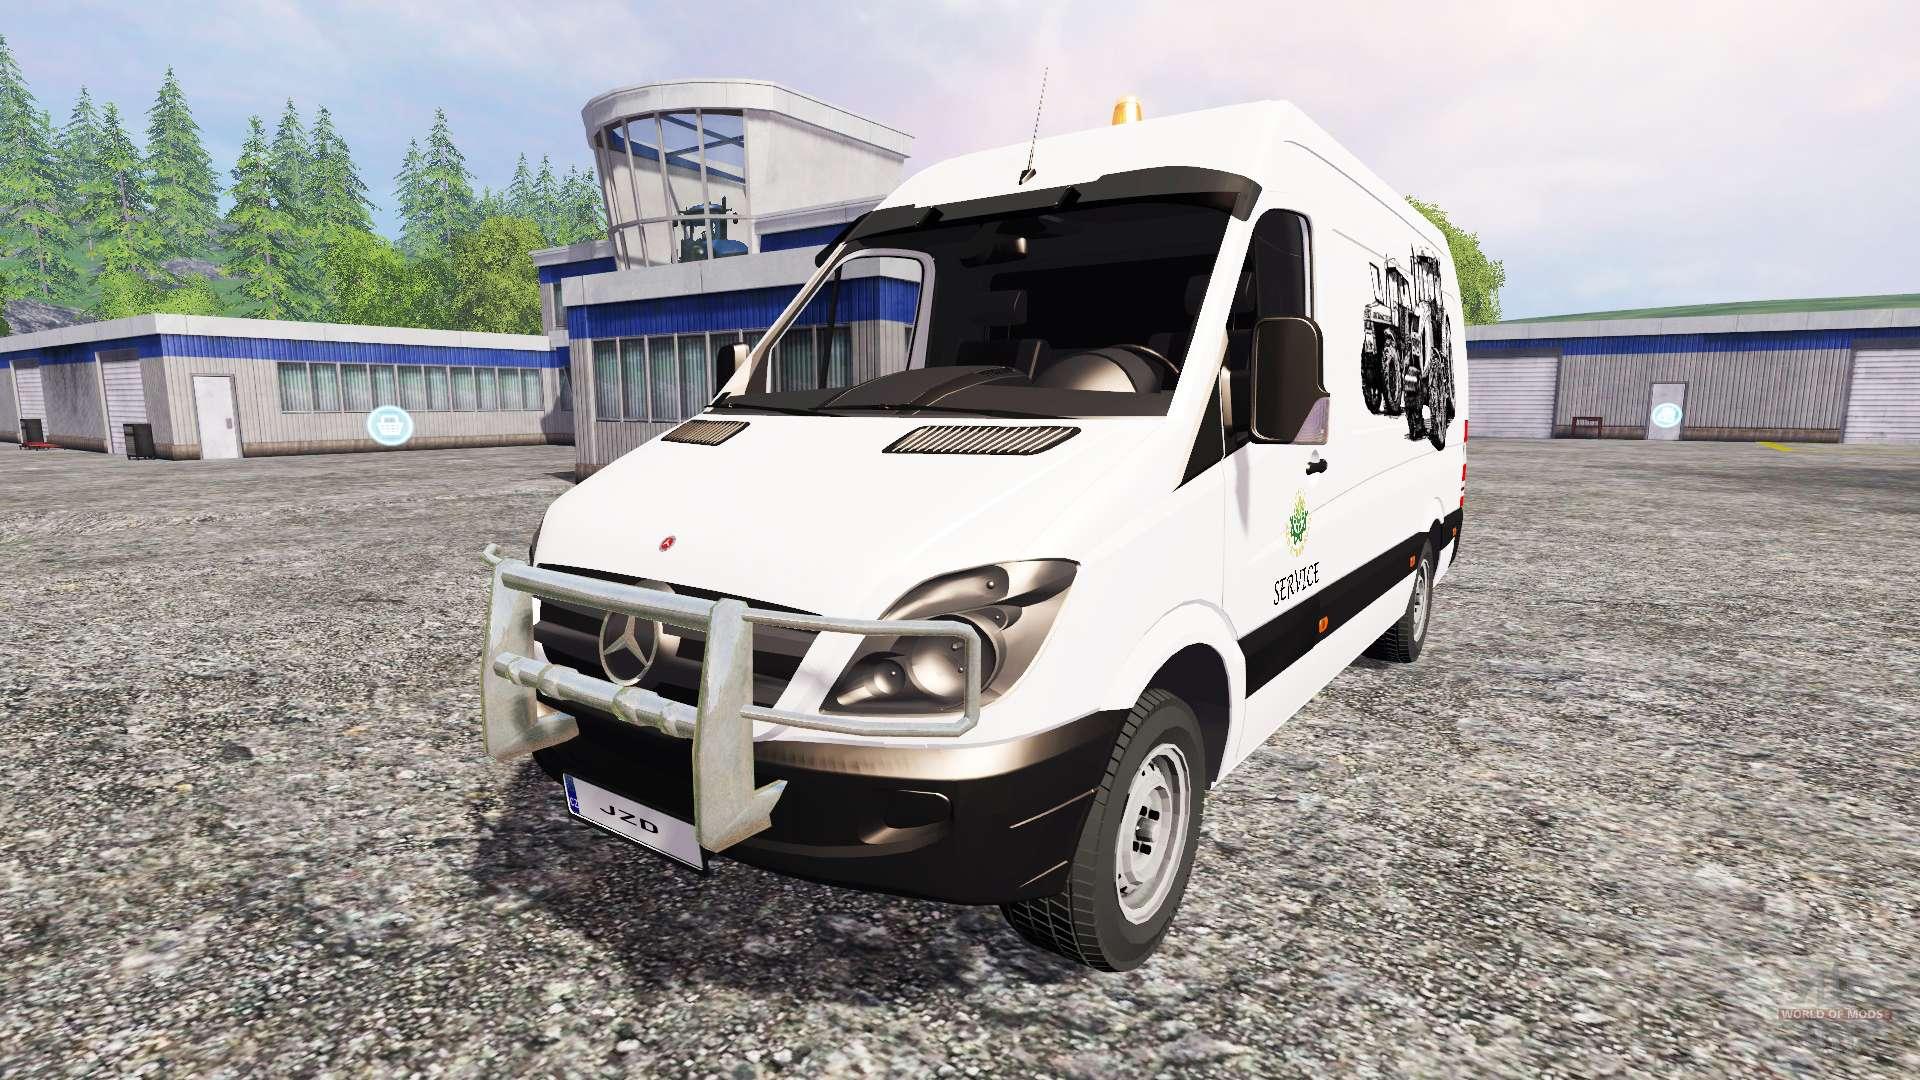 Mercedes benz sprinte service for farming simulator 2015 for Mercedes benz f service